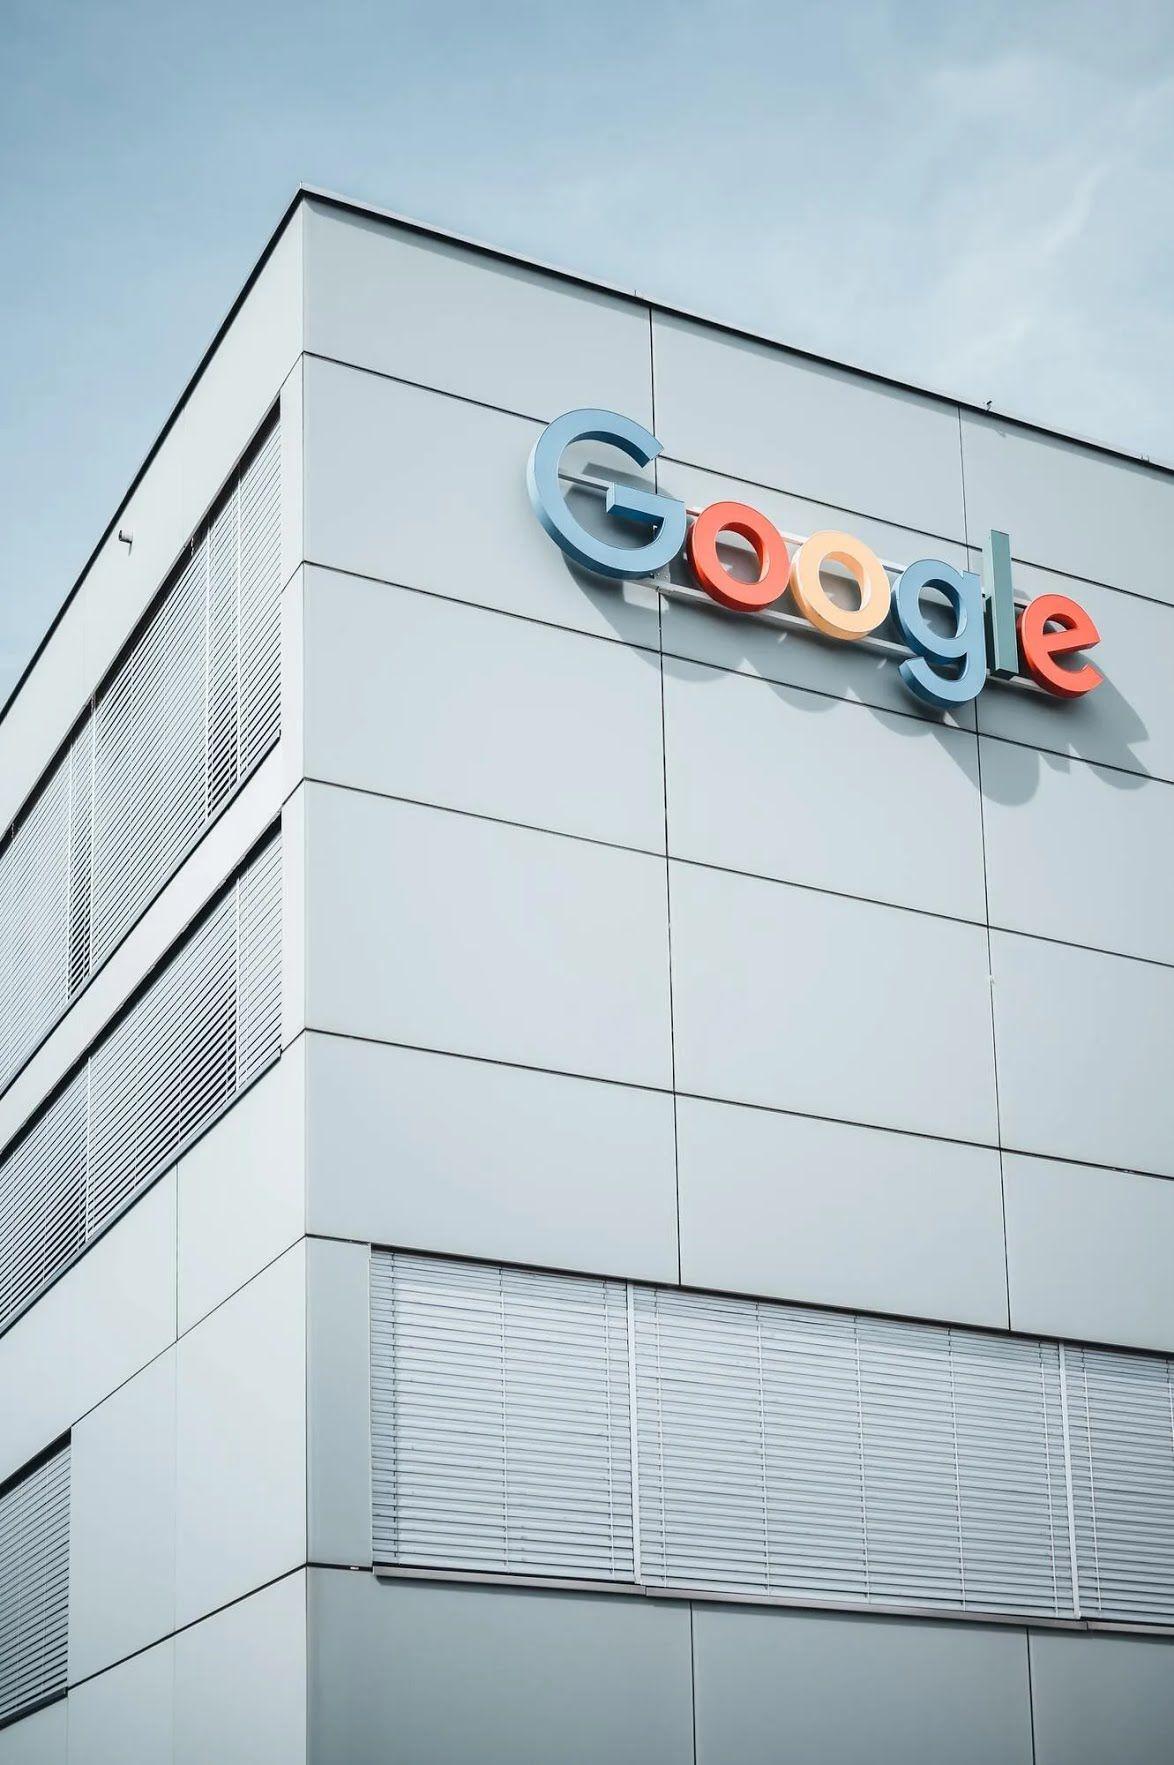 Офісна будівля Google в Цюриху, Швейцарія